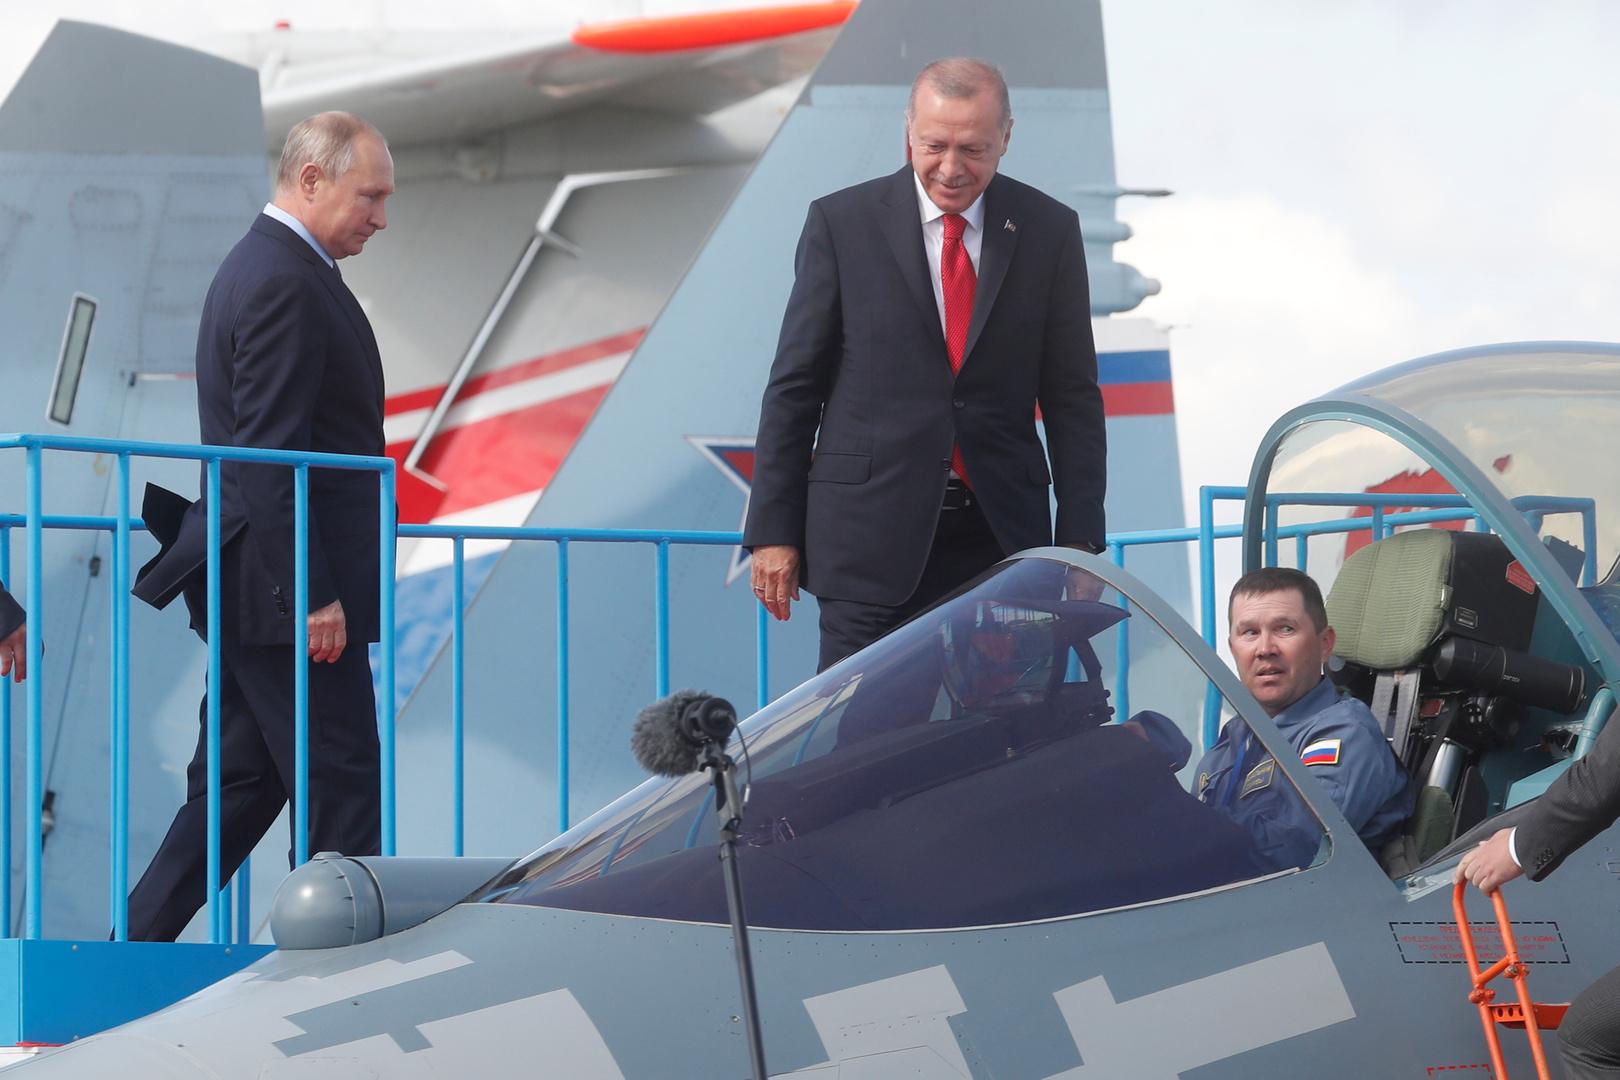 إذا أسقط أردوغان طائرة روسية فسيُضرب على جميع الجبهات